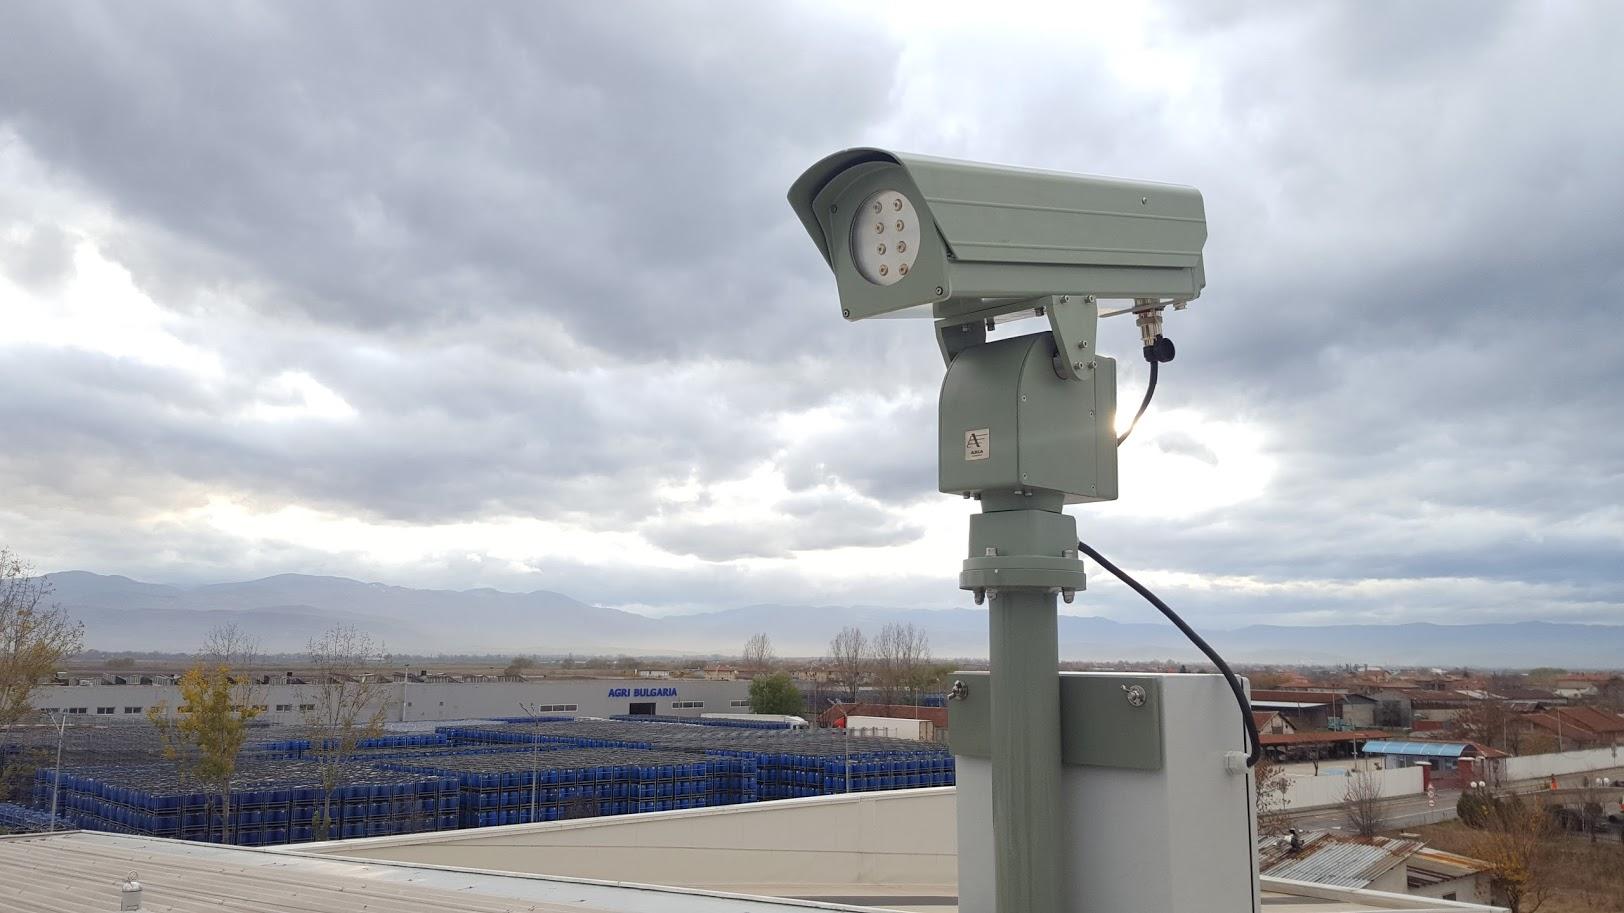 一体化米乐国际m6平台摄像机